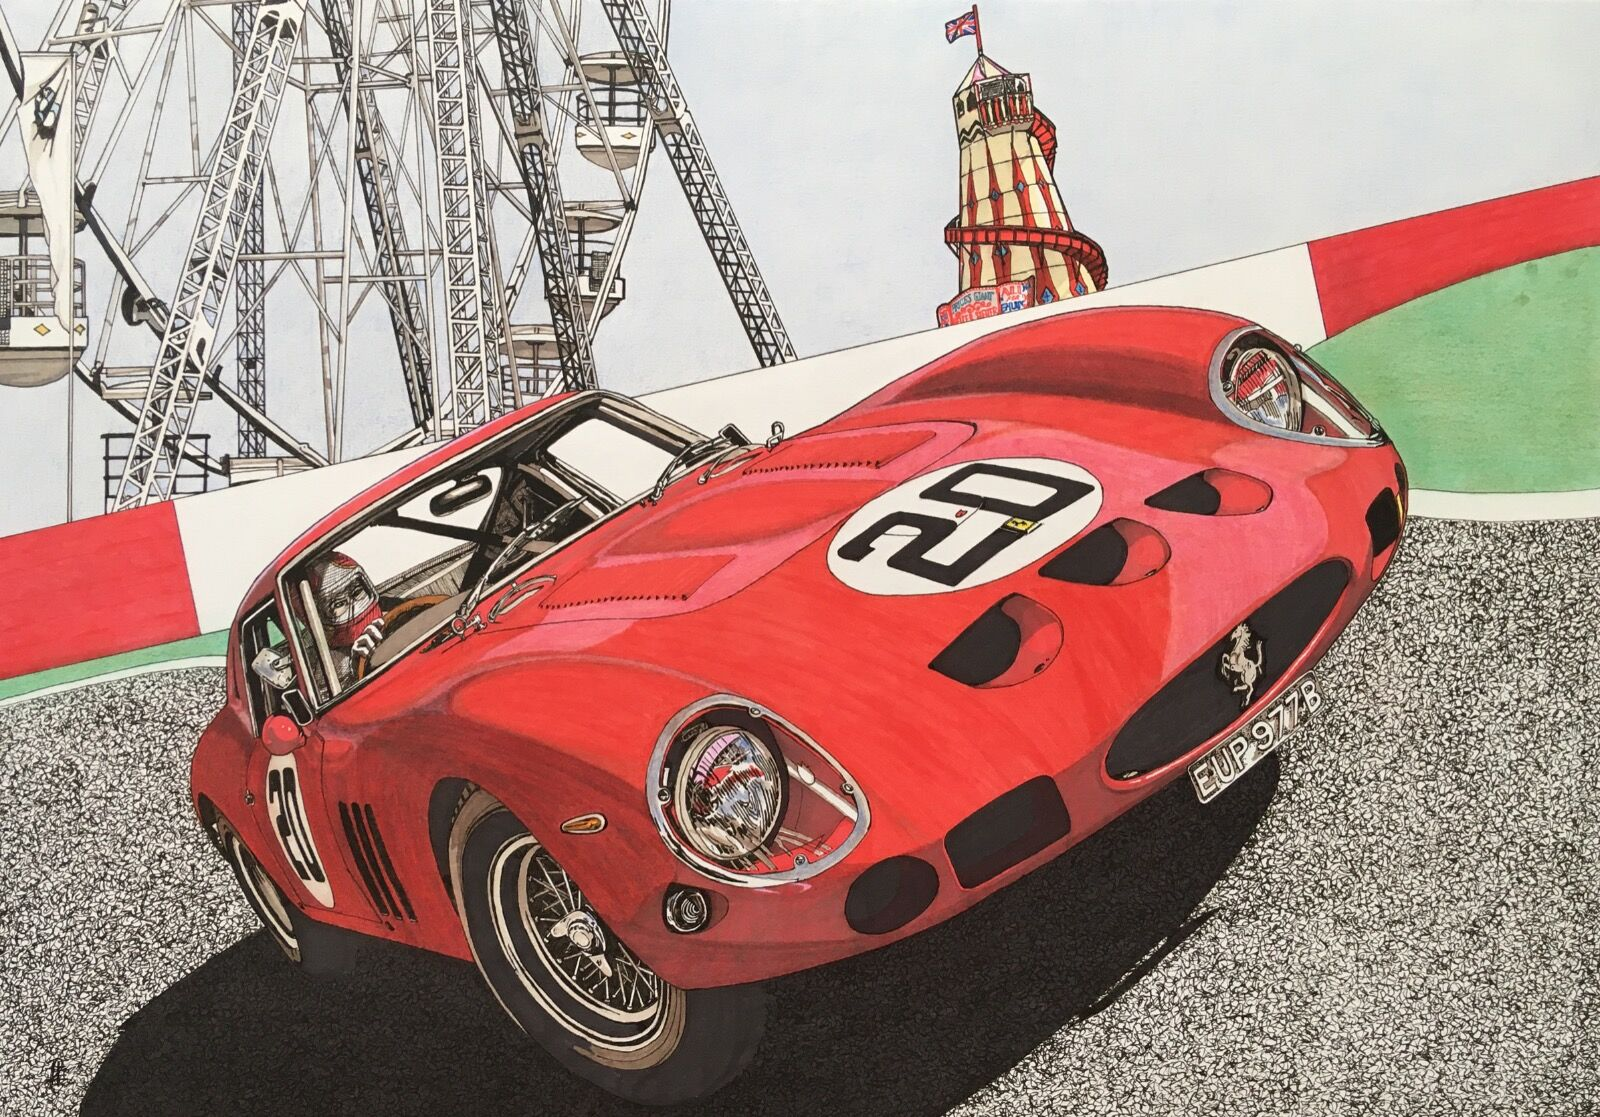 Ferrari 250 GTO at Silverstone (Size A2)